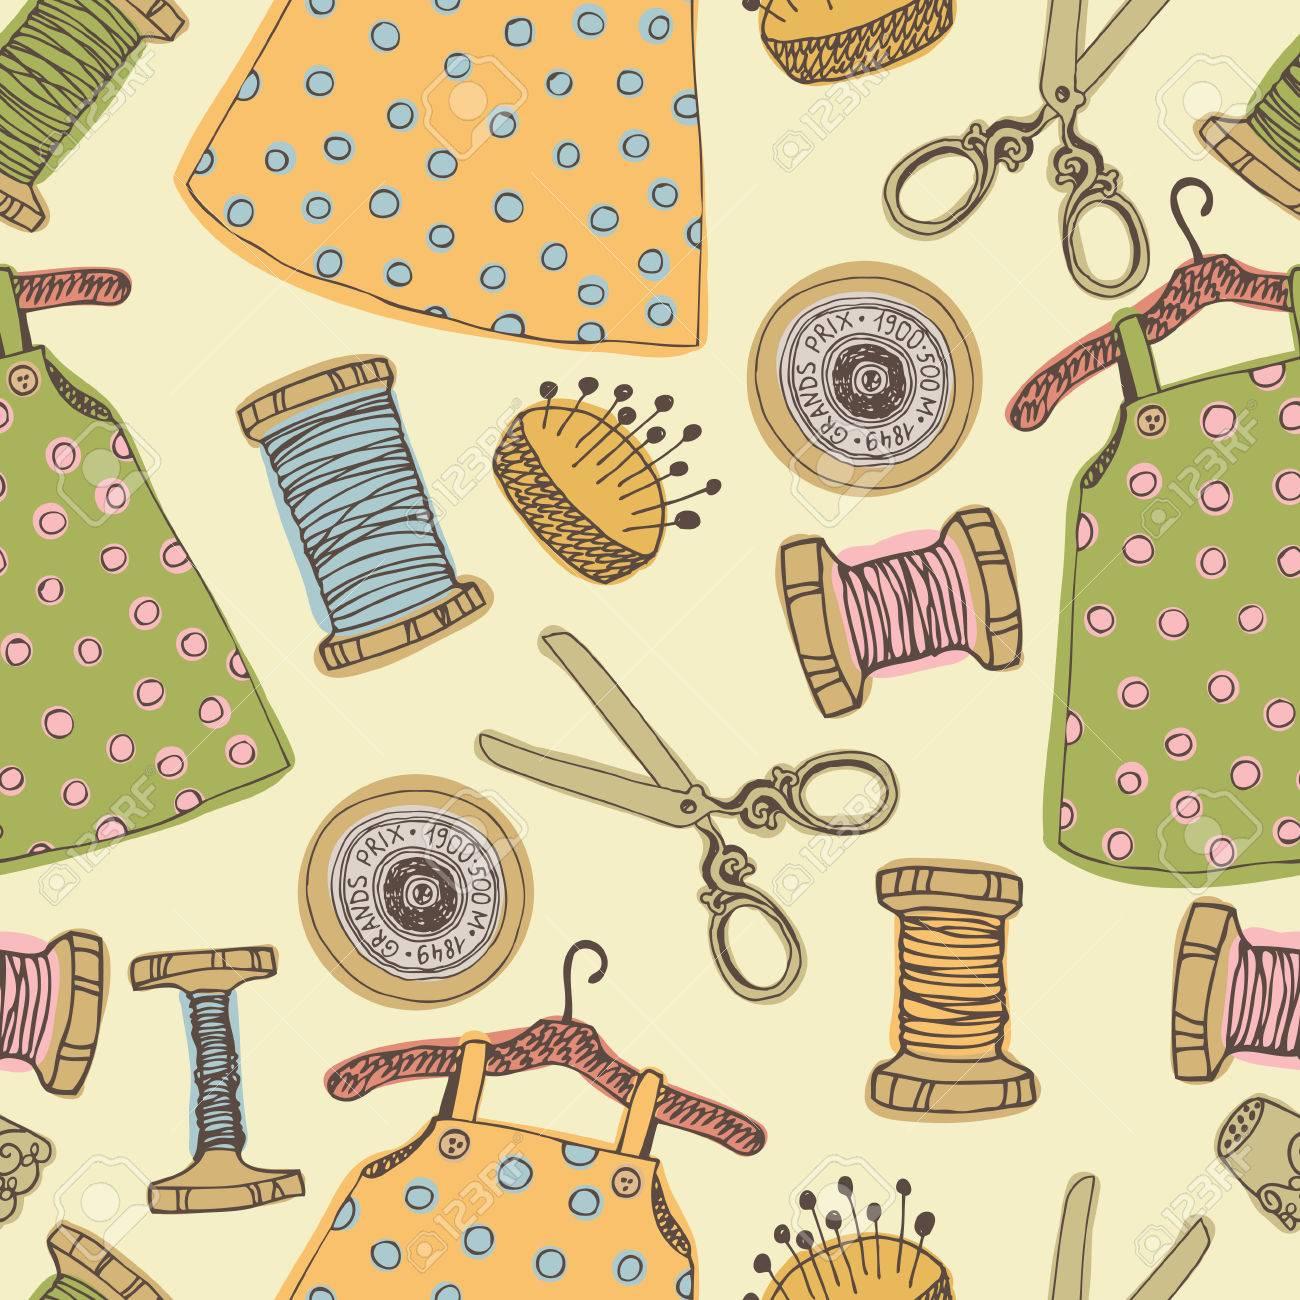 Baby-Kleid Und Nähen Tools Nahtlose Muster Lizenzfrei Nutzbare ...